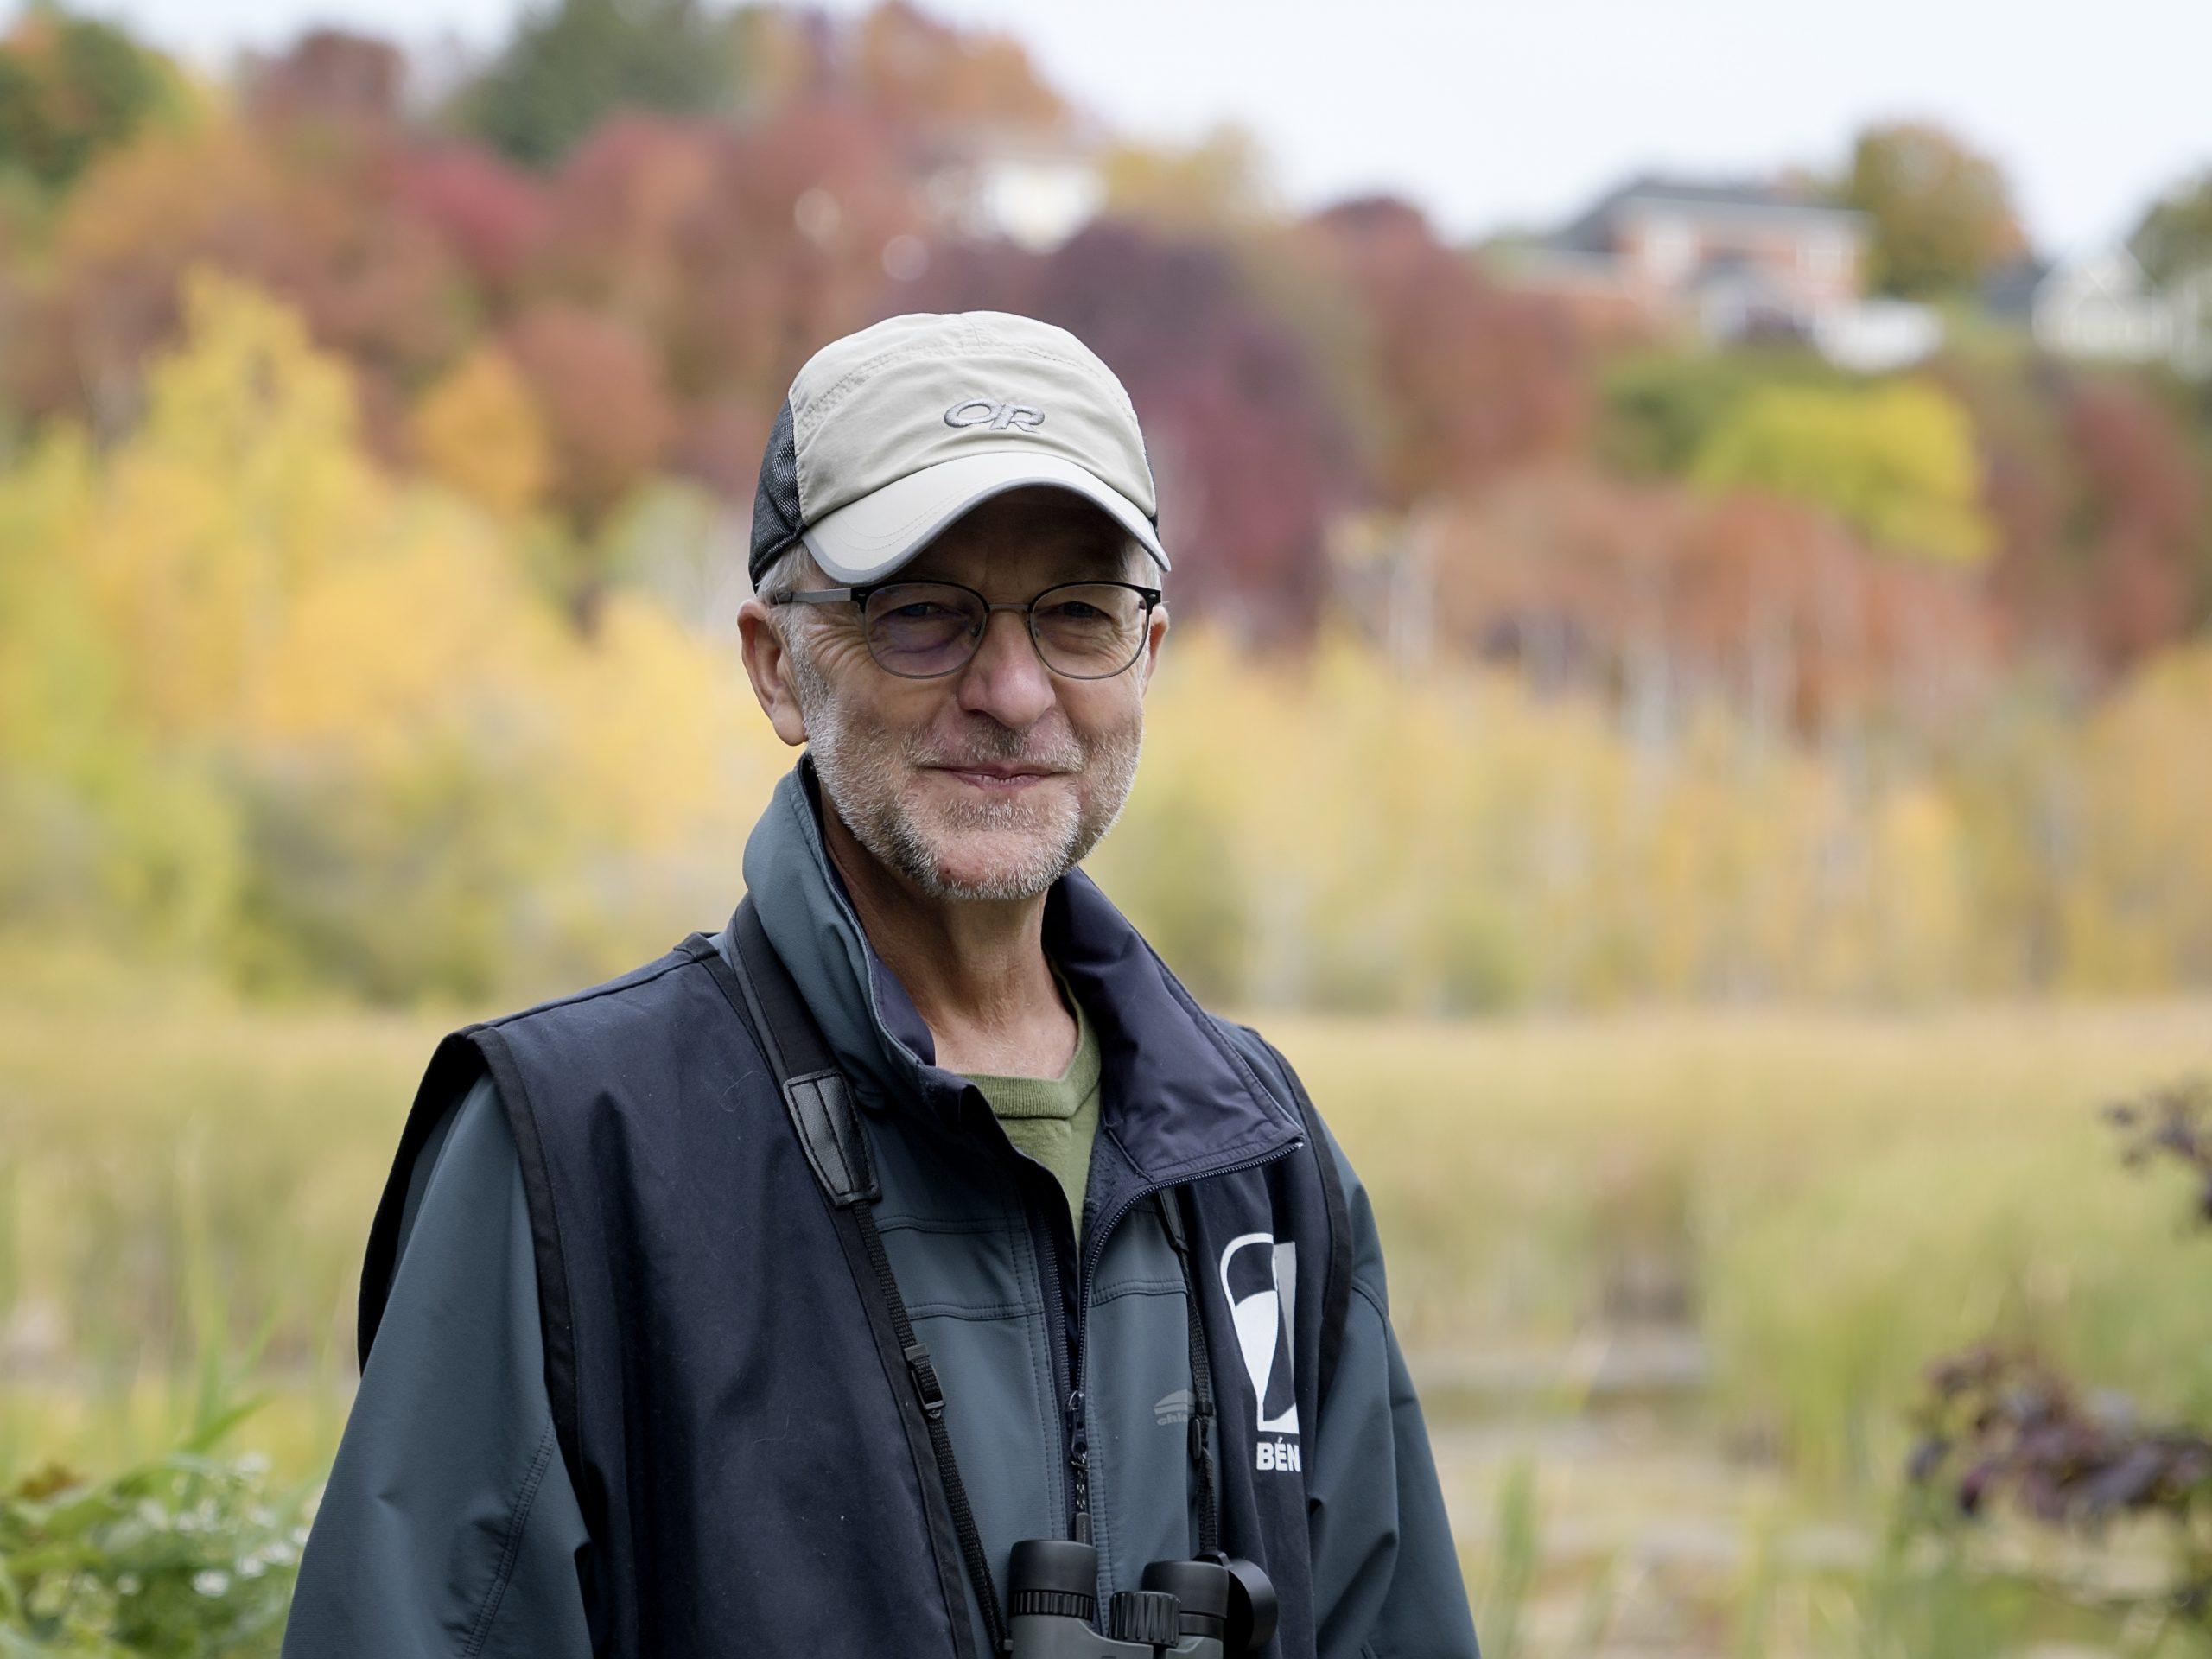 Marcel Darveau est membre du conseil d'administration de la Société Provancher. Il en est aussi le responsable des activités scientifiques. Il est également ornithologue à ses heures!